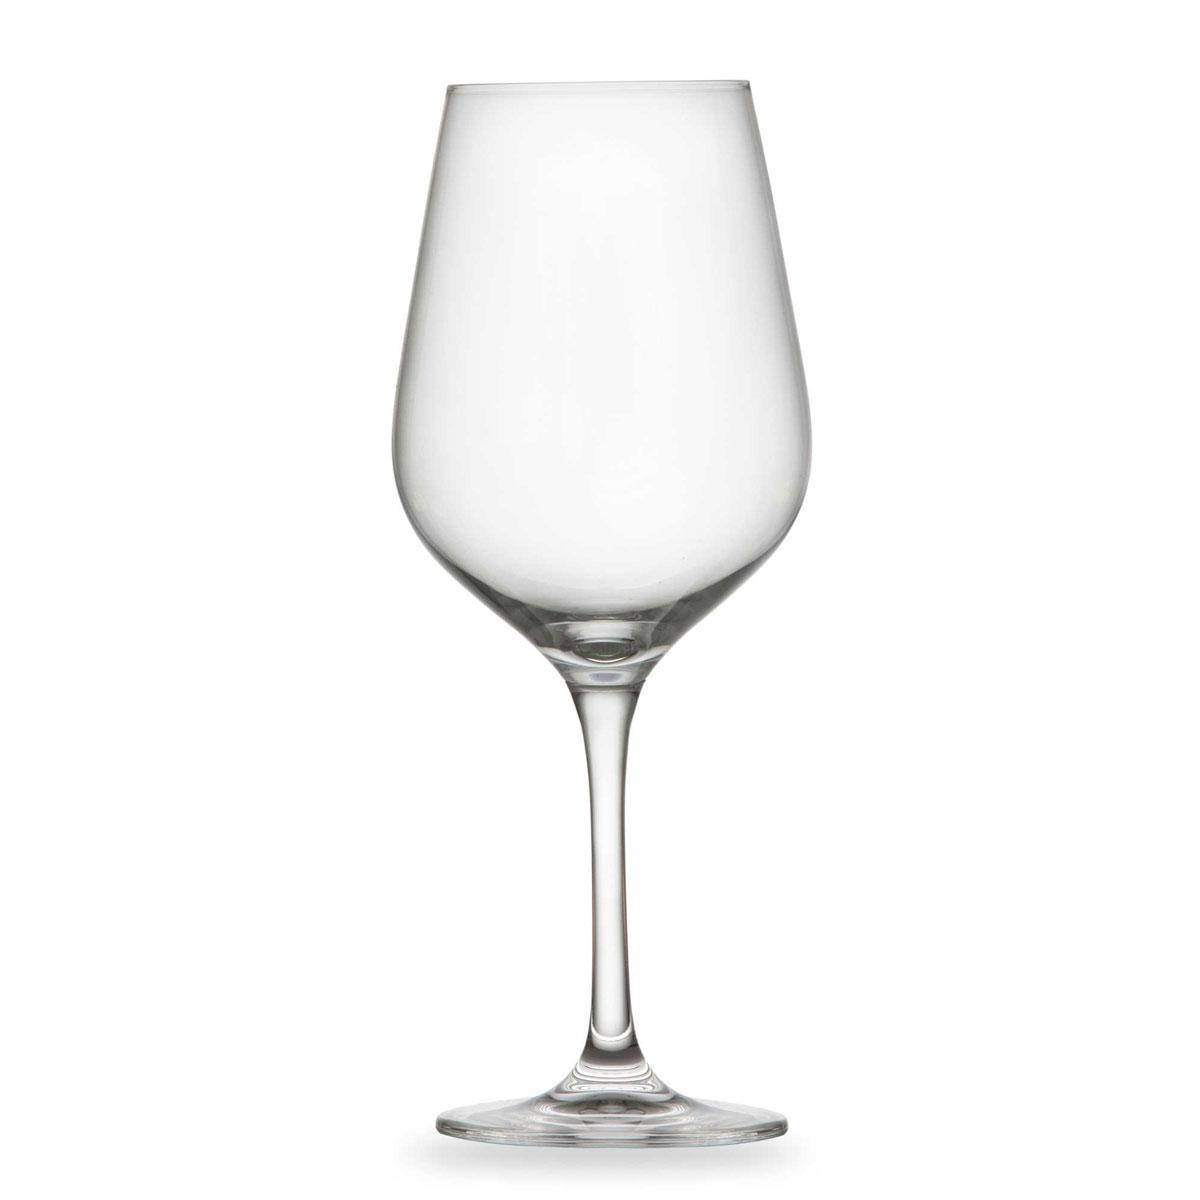 Schott Zwiesel Tritan Crystal, Torre Bordeaux, Cabernet Glass, Single